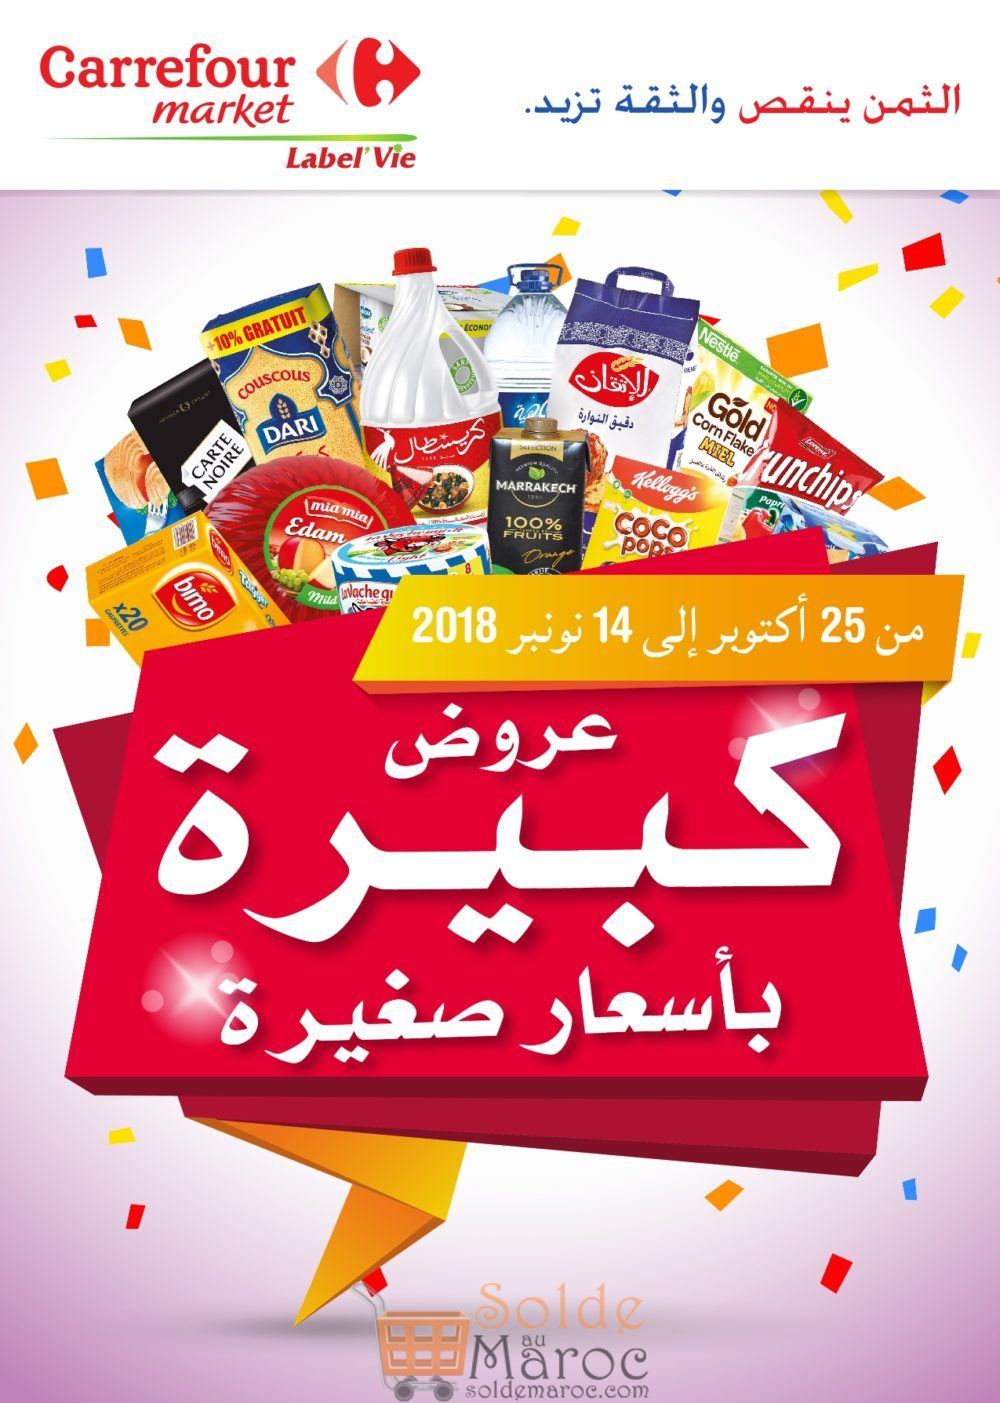 Carte Carrefour Maroc.Catalogue Carrefour Market Maroc Du 25 Octobre Au 14